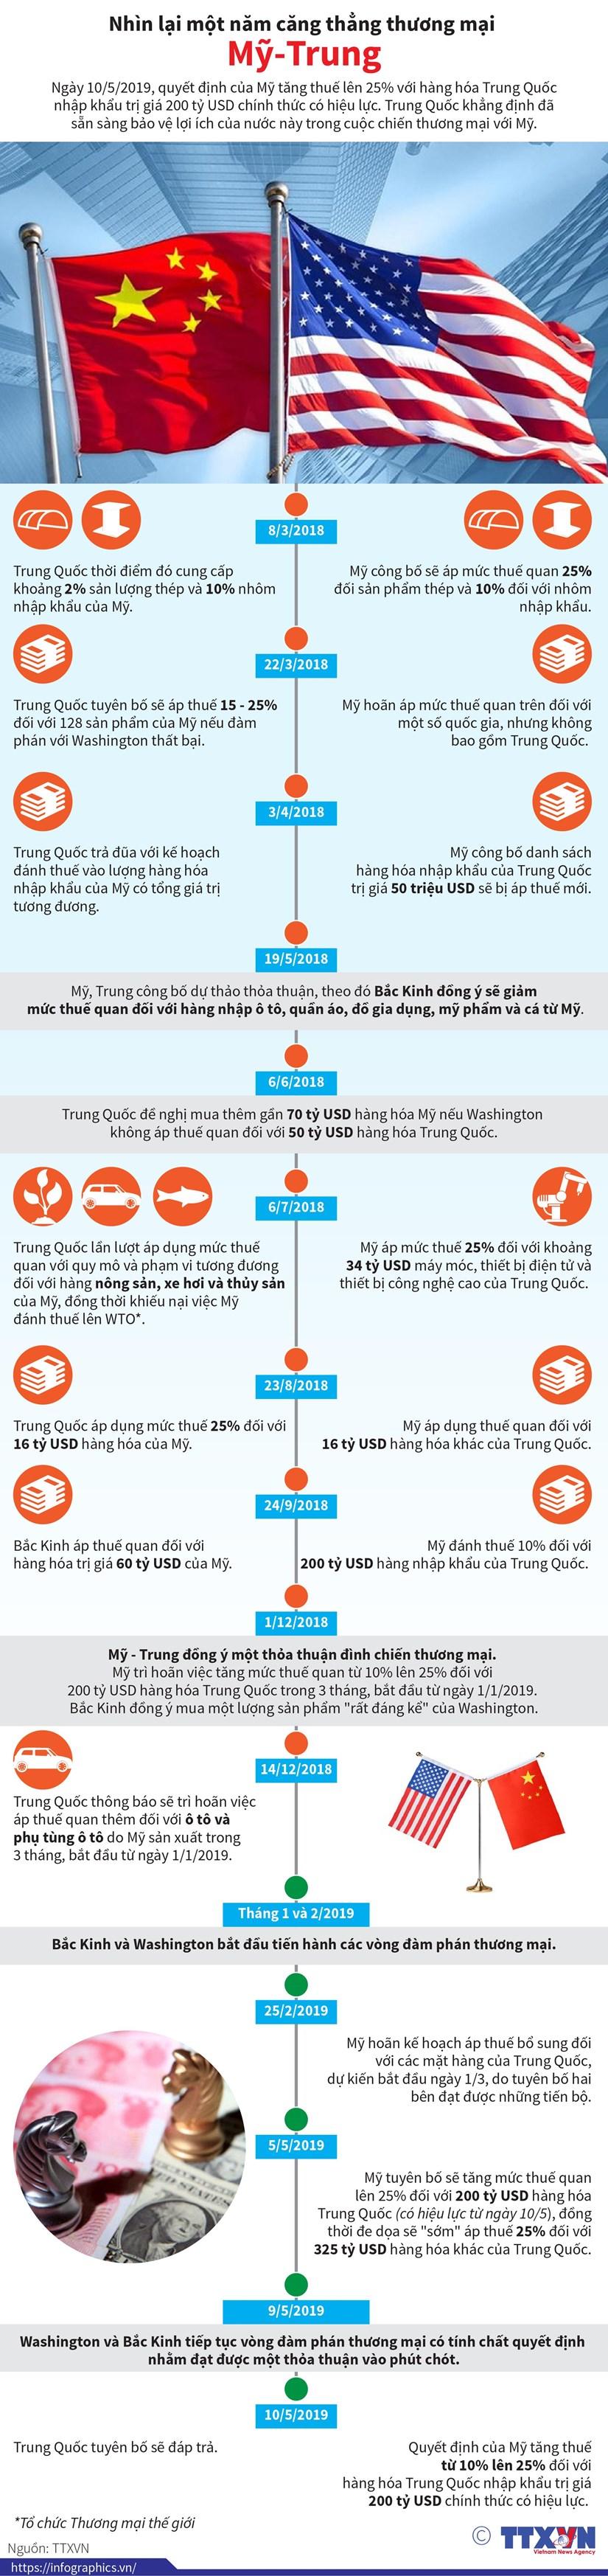 [Infographics] Nhìn lại một năm căng thẳng thương mại Mỹ-Trung